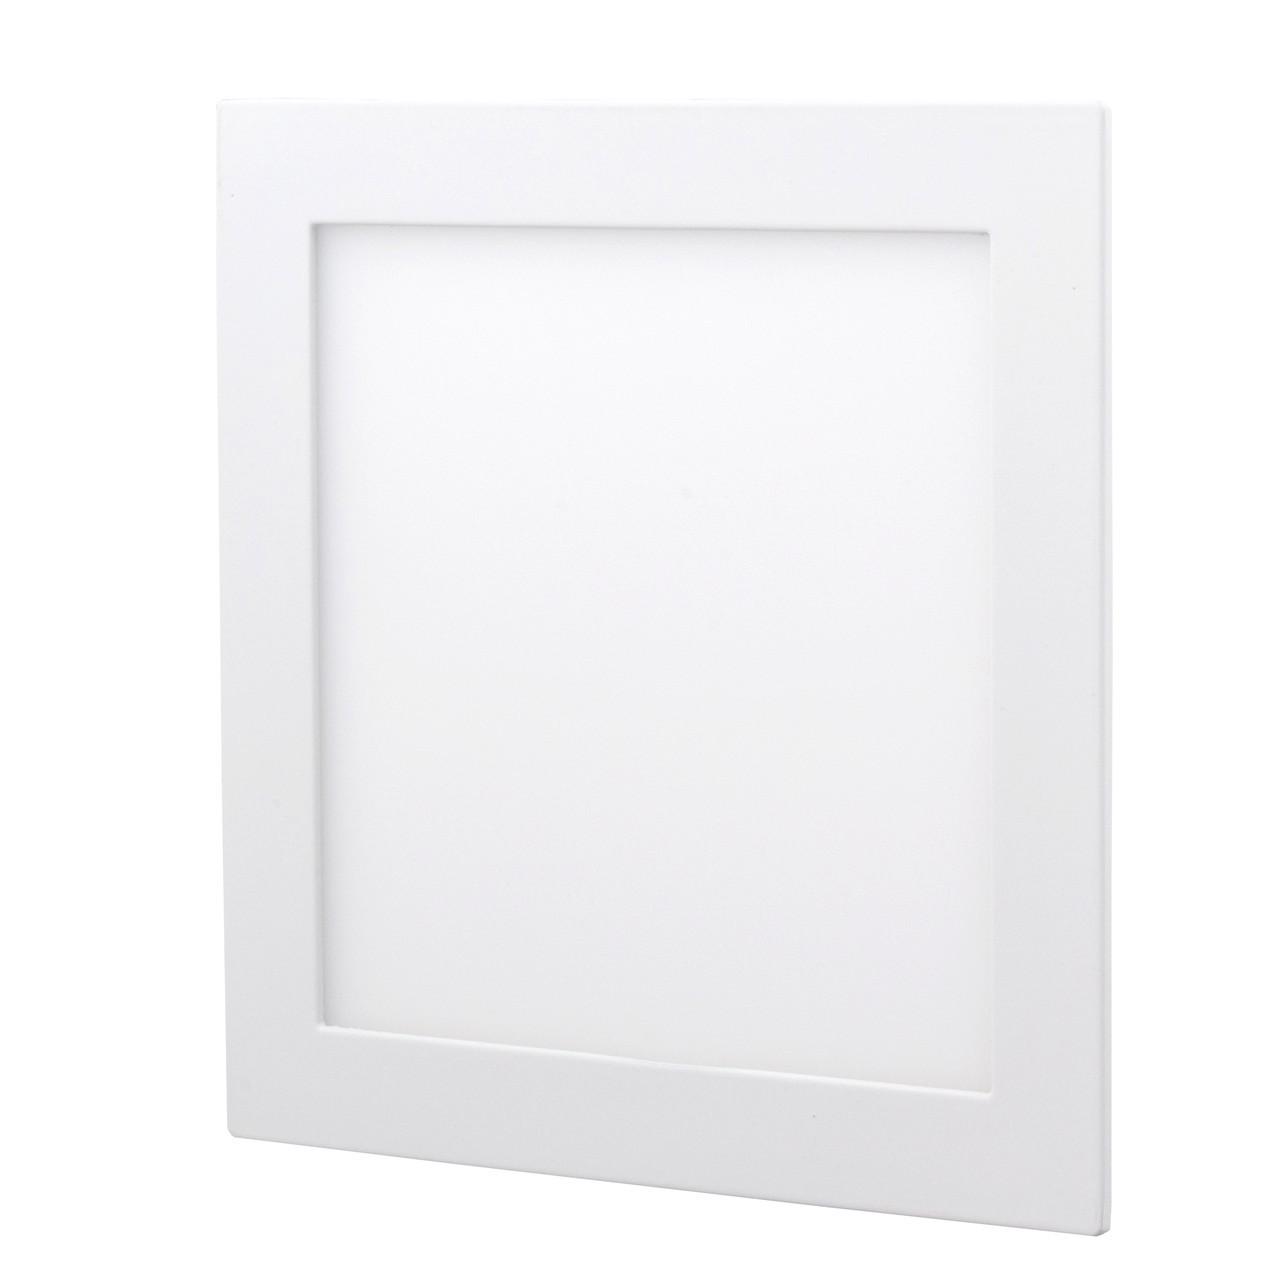 Точечный светильник встраиваемый 9W 6400К LED-S-150-9